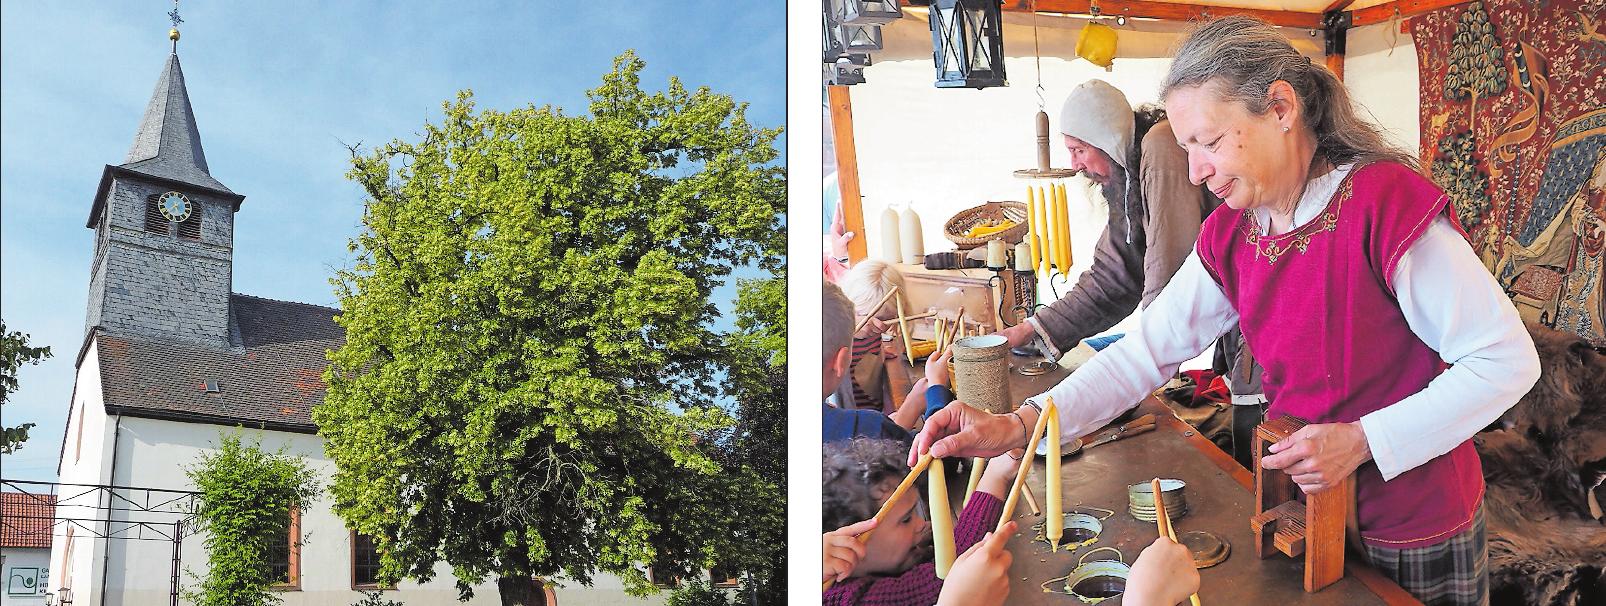 Schauplatz des mittelalterlichen Treibens am ersten Oktoberwochenende in Neuhofen, darunter so genannte Lichterzieher: das Gelände rund um die protestantische Kirche in Neuhofen. FOTOS: NEUHOFEN/LIEB - LORRAINEMÉDIÉVALE/FREI